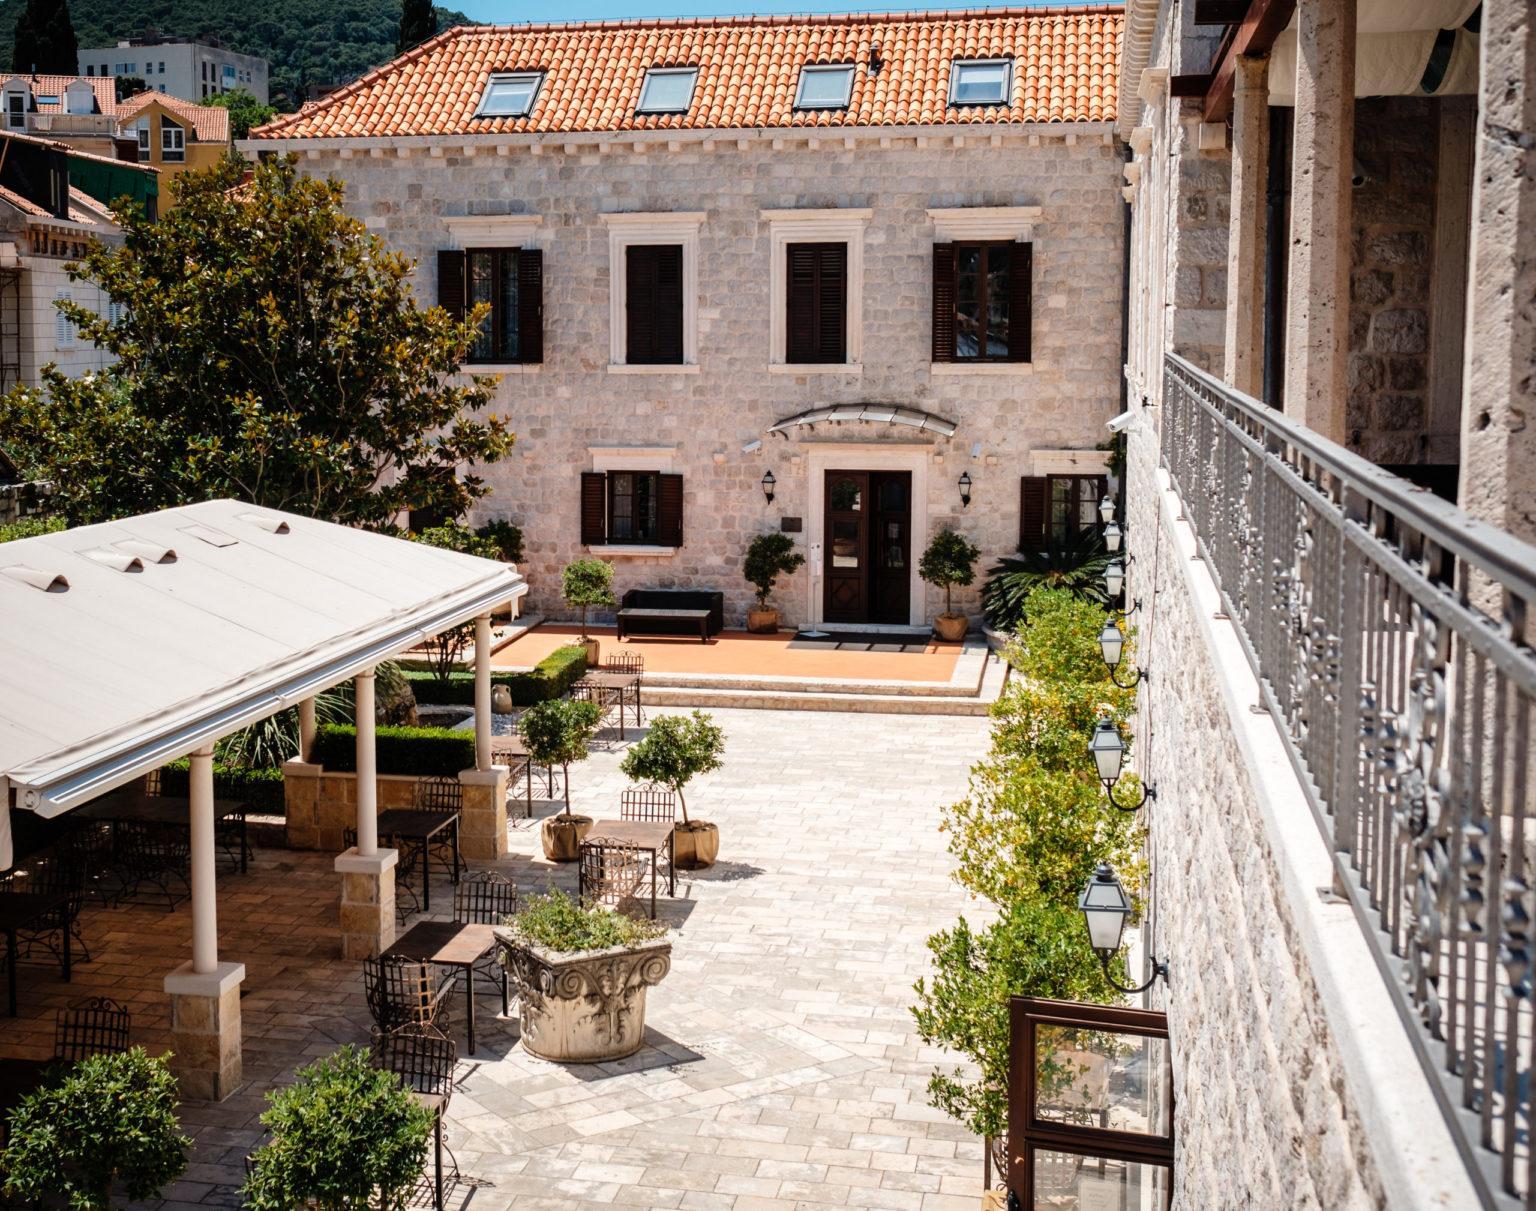 hochzeitslocation Kroatien location hochzeit heiraten 4 1 scaled - Verträumtes Hotel